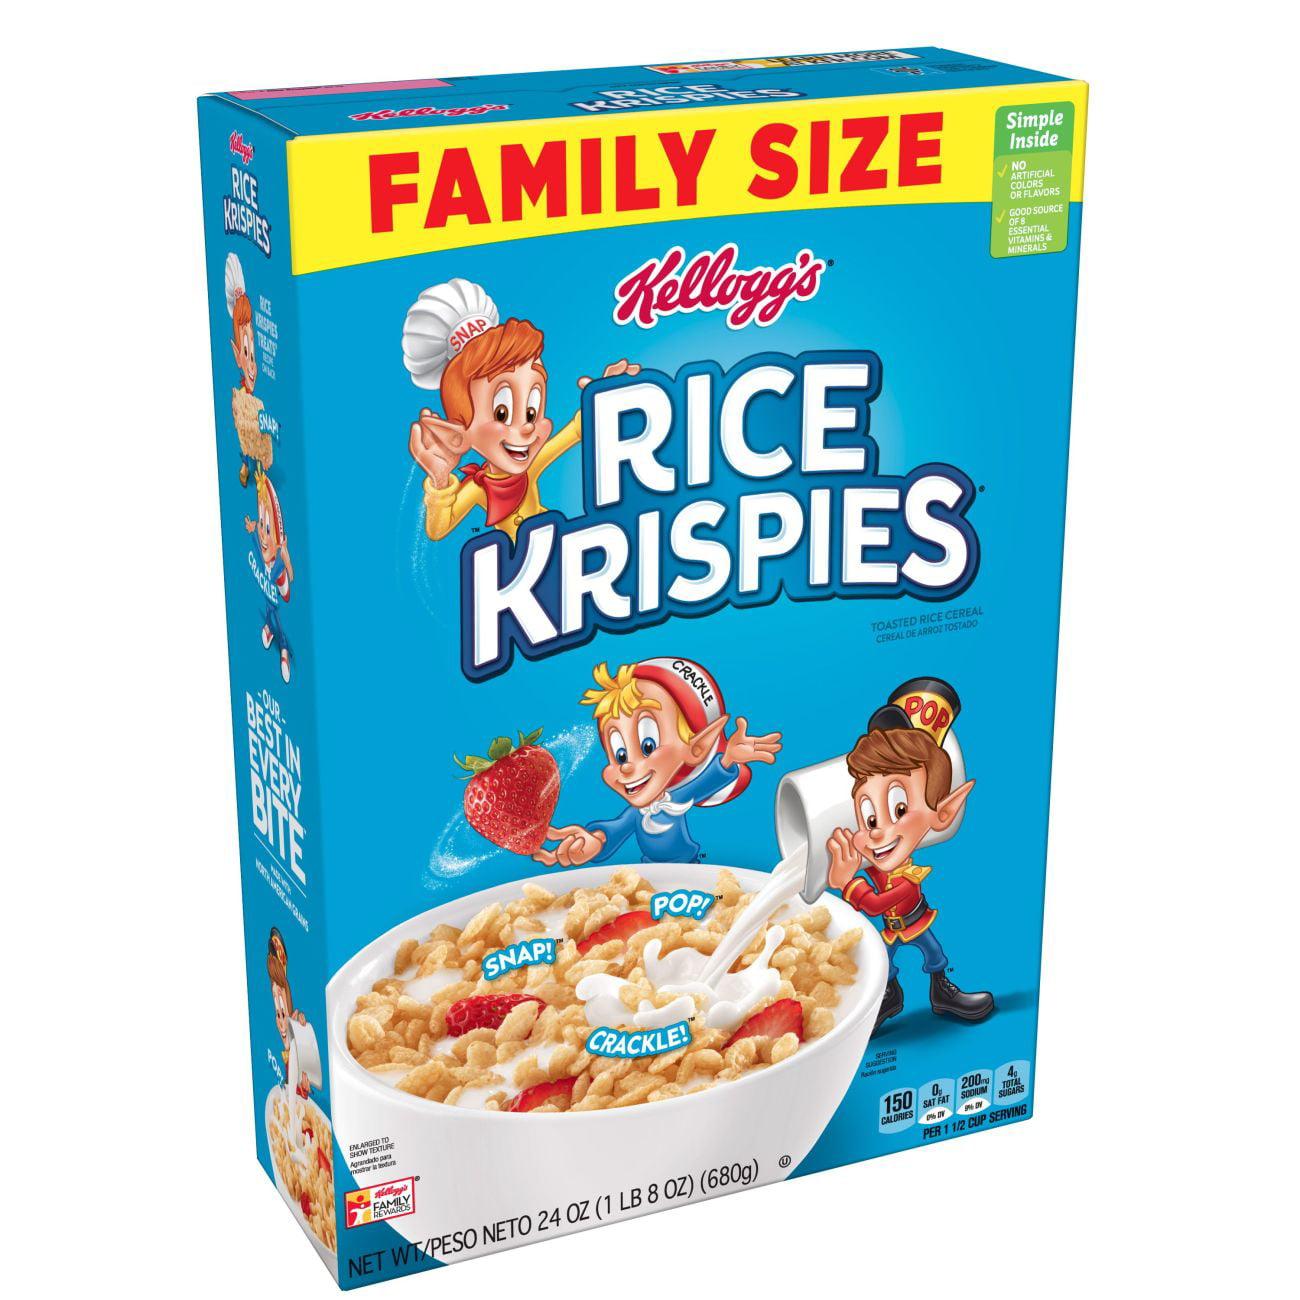 Print Ad Snap Crackle Pop Rice Krispies School Locker